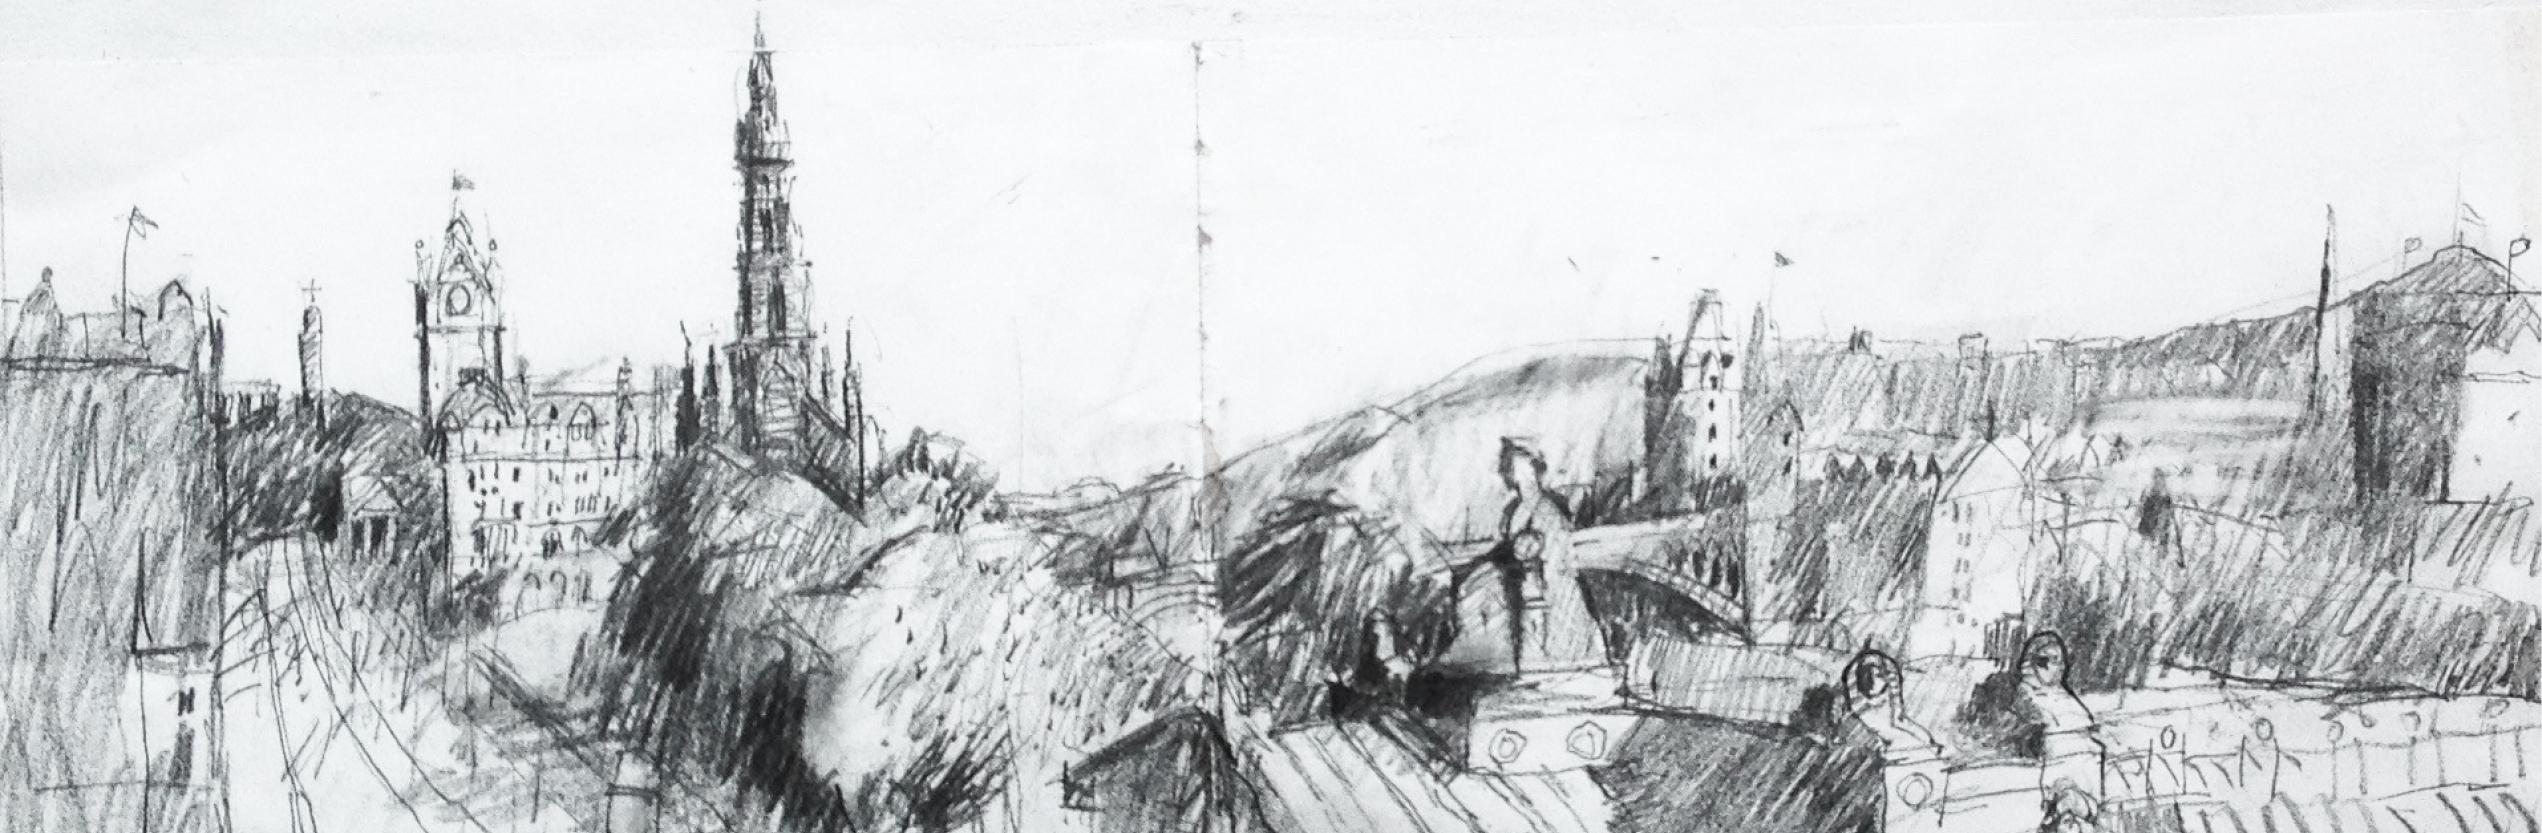 'Sketchbook Drawings' by John Brown